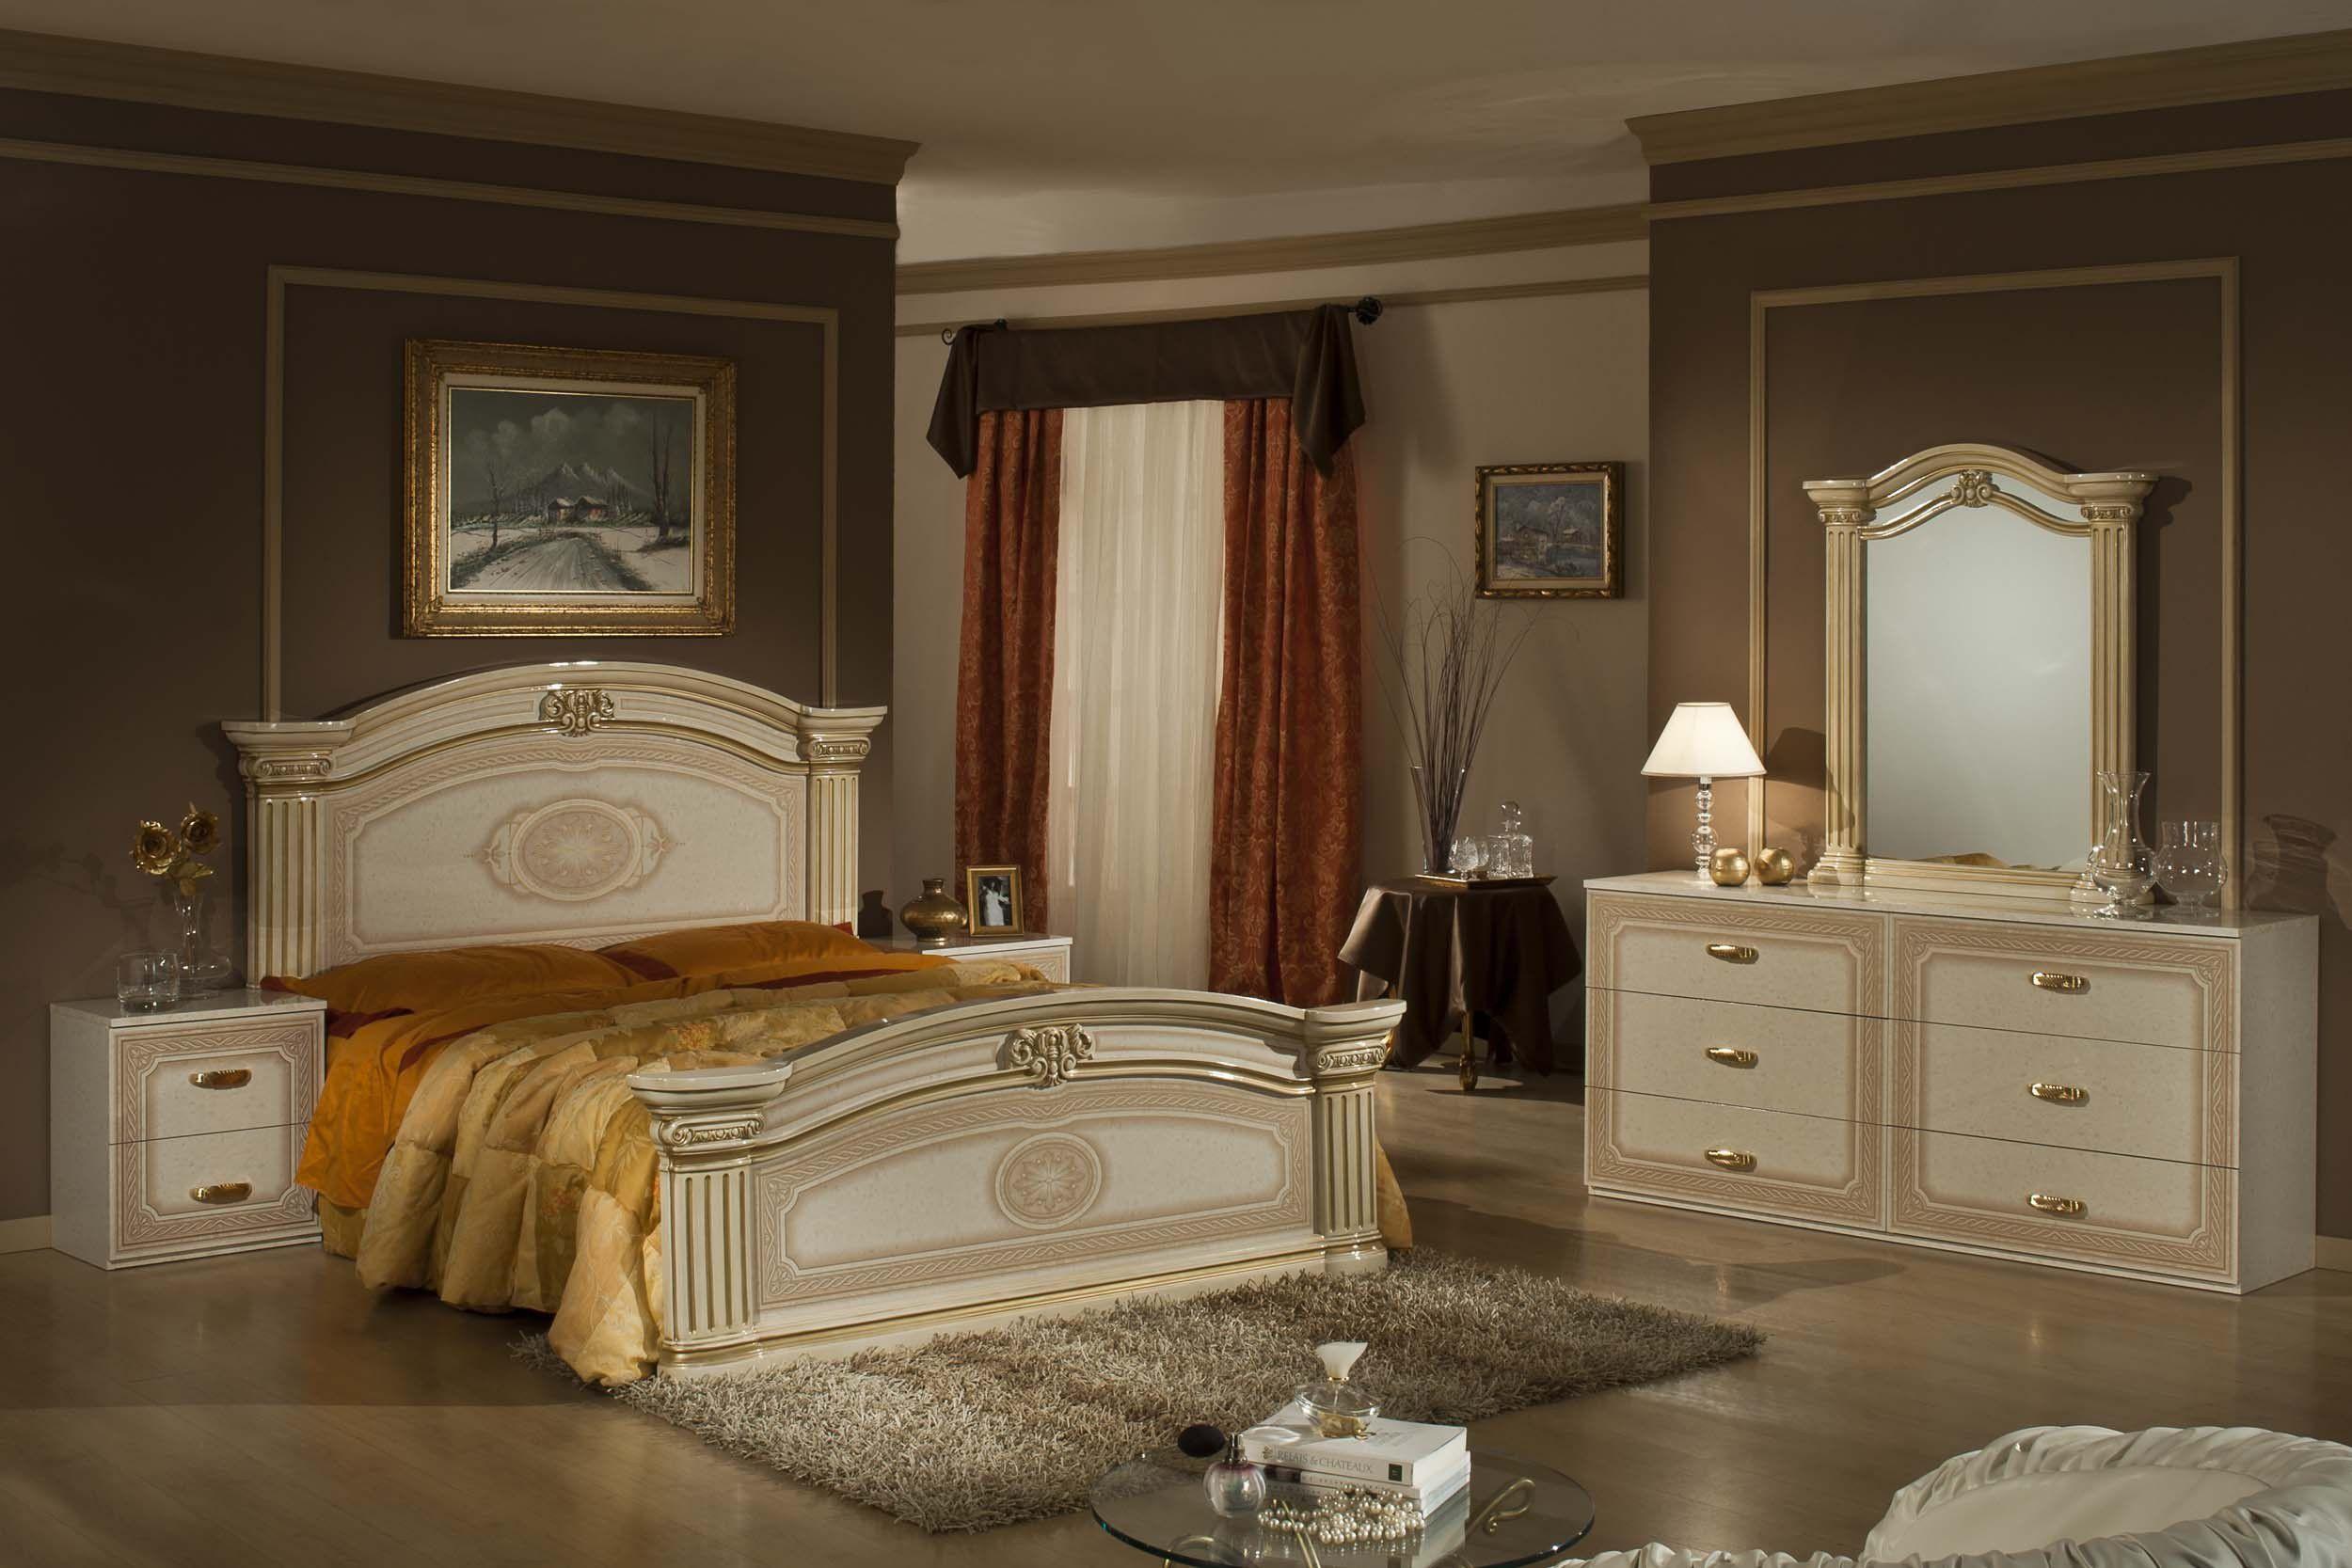 غرف النوم الفاخرة ، غرف نوم ايطالية   منتديات حوريات